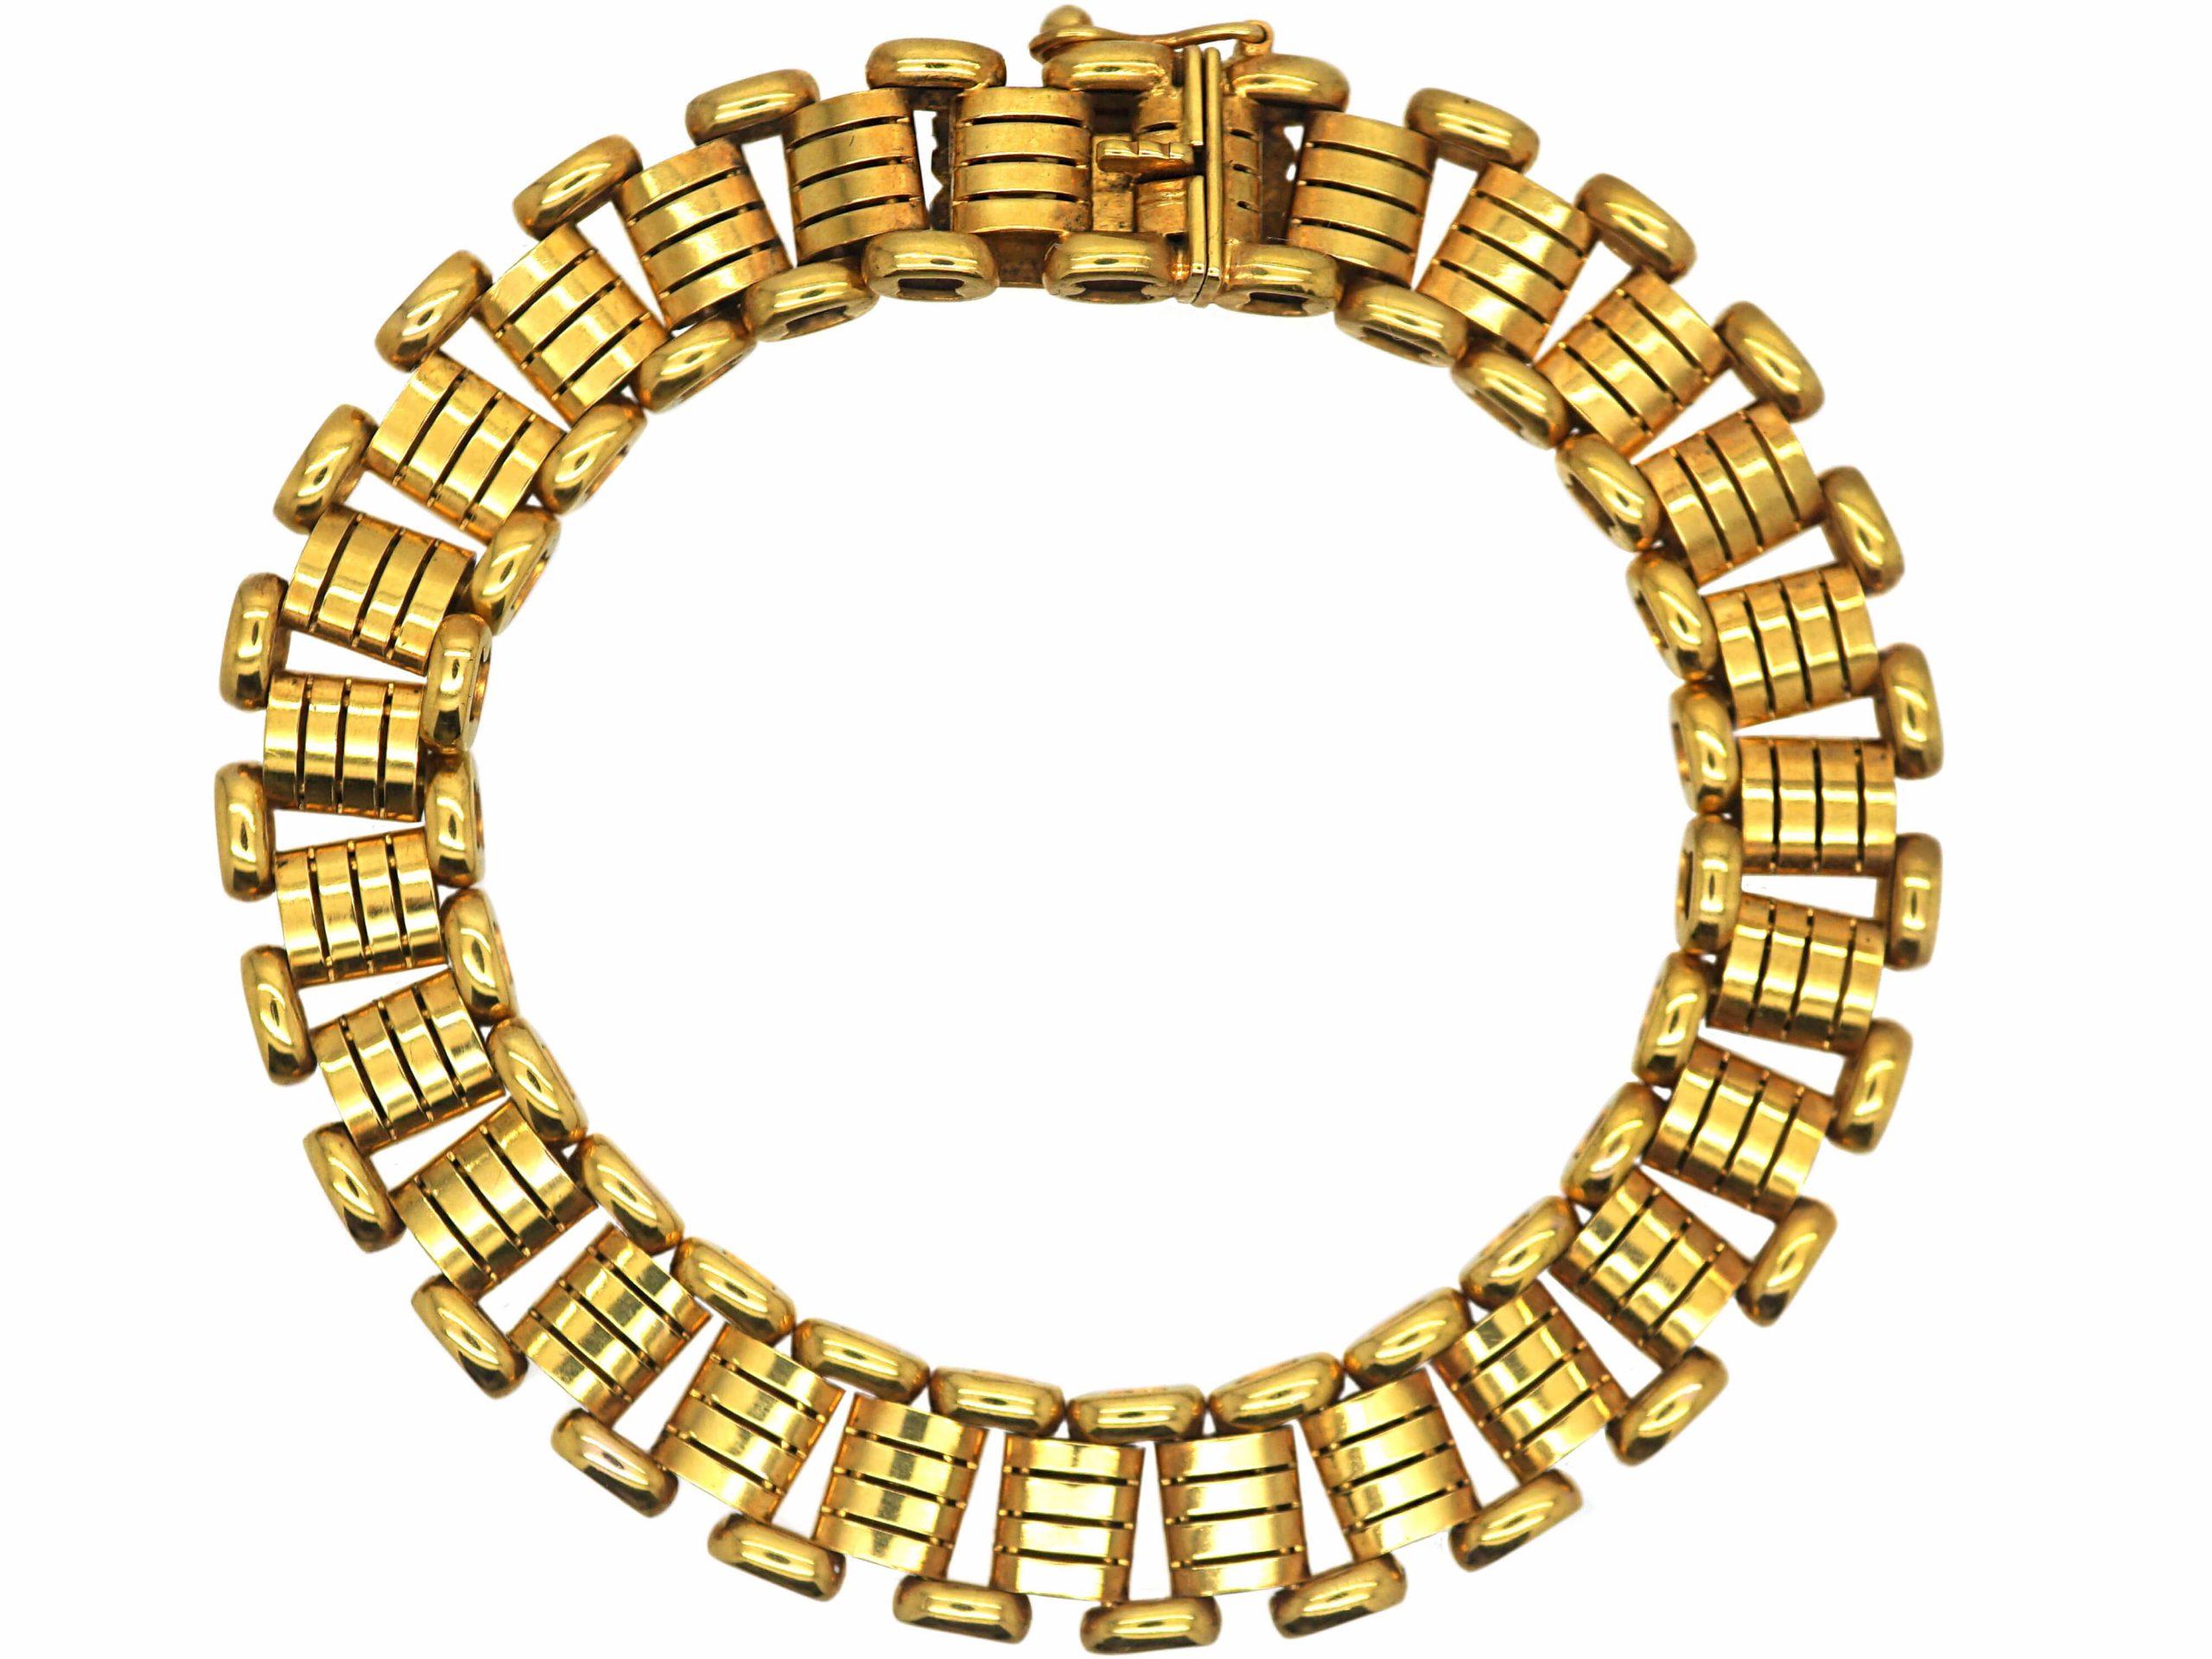 Edwardian 15ct Gold Articulated Bracelet